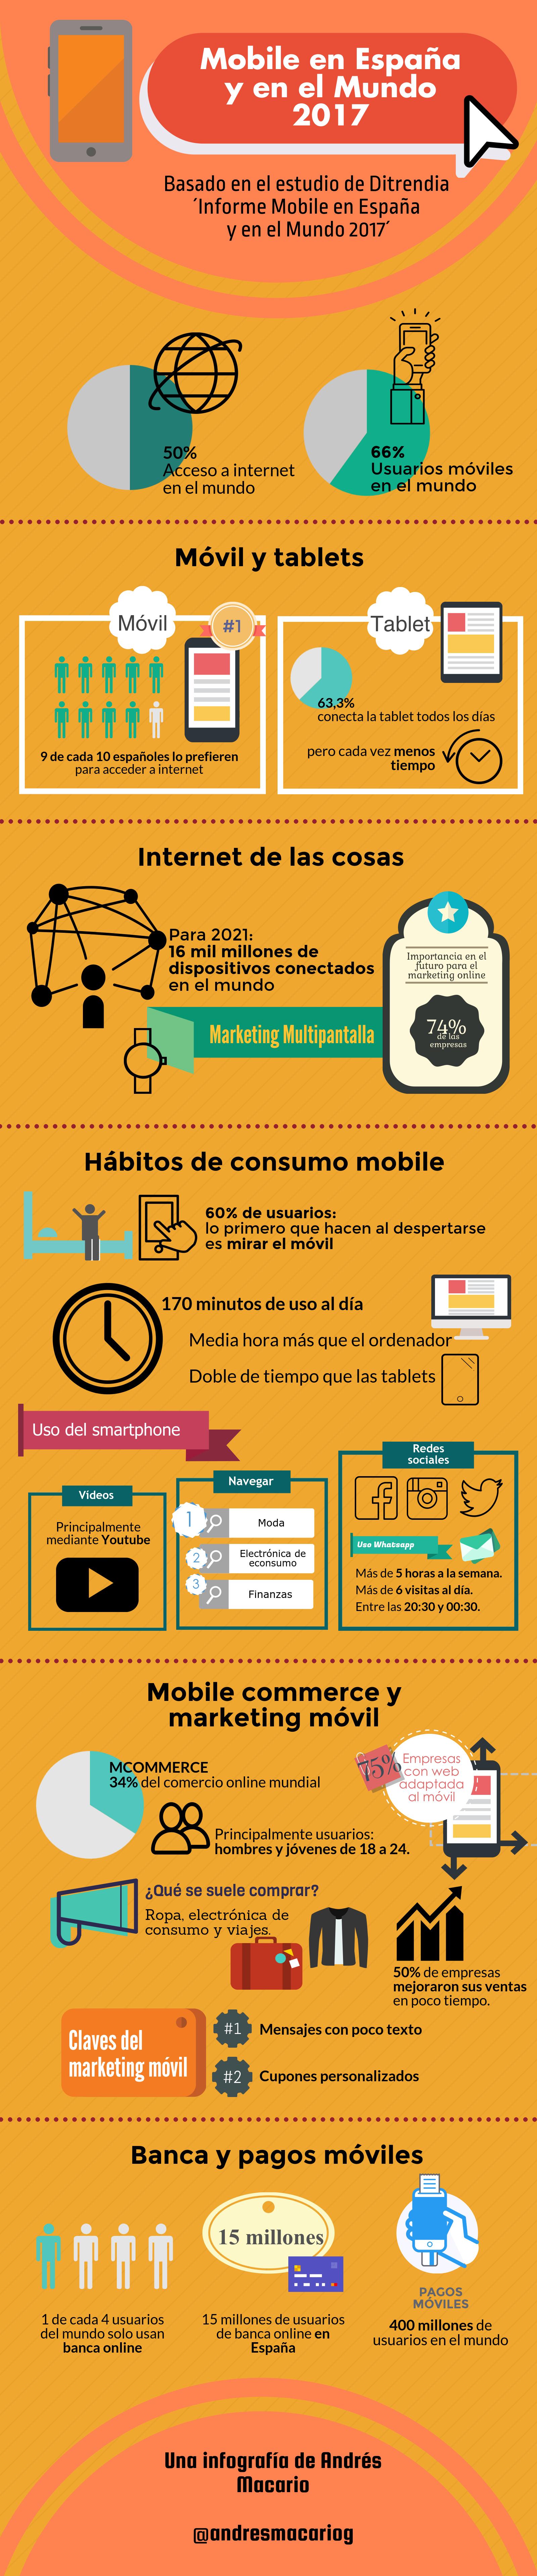 Mobile en España y en el Mundo 2017 - Infografia Andres Macario